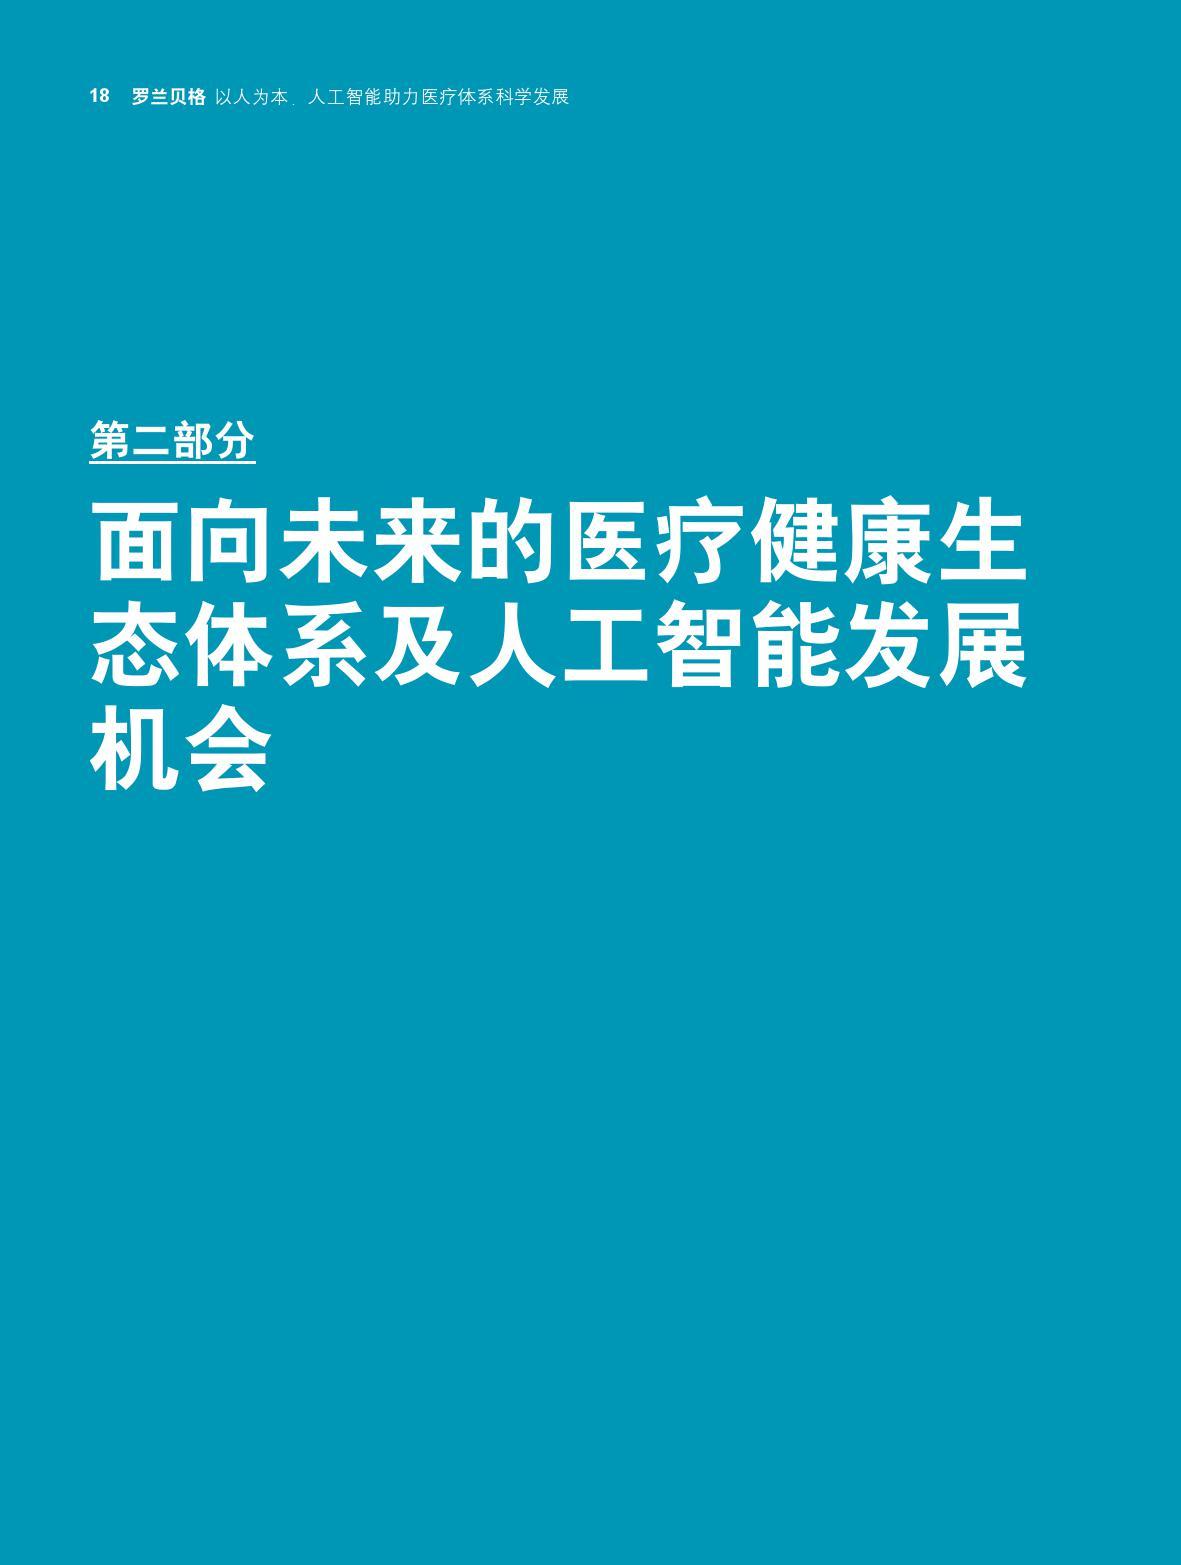 罗兰贝格&百度:人工智能助力医疗体系科学发展报告(附下载)插图(17)